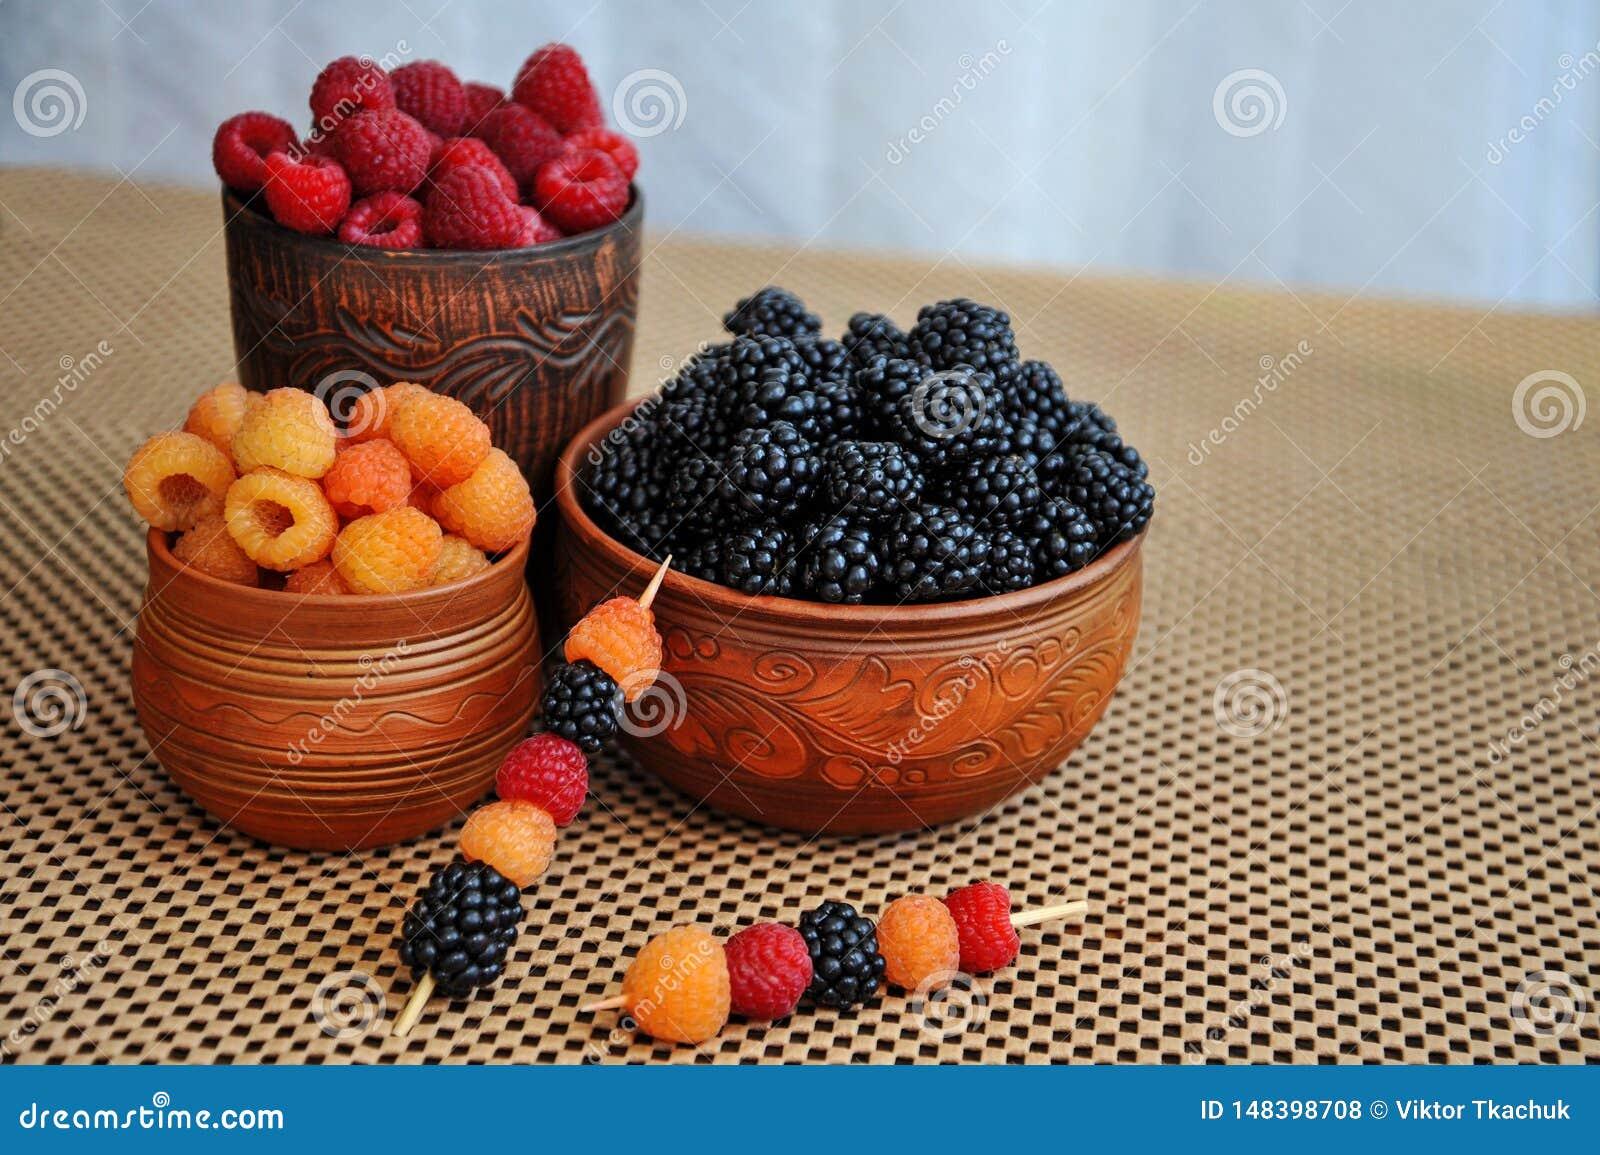 Baies color?es des framboises rouges, jaunes et noires ou des m?res en poterie de terre